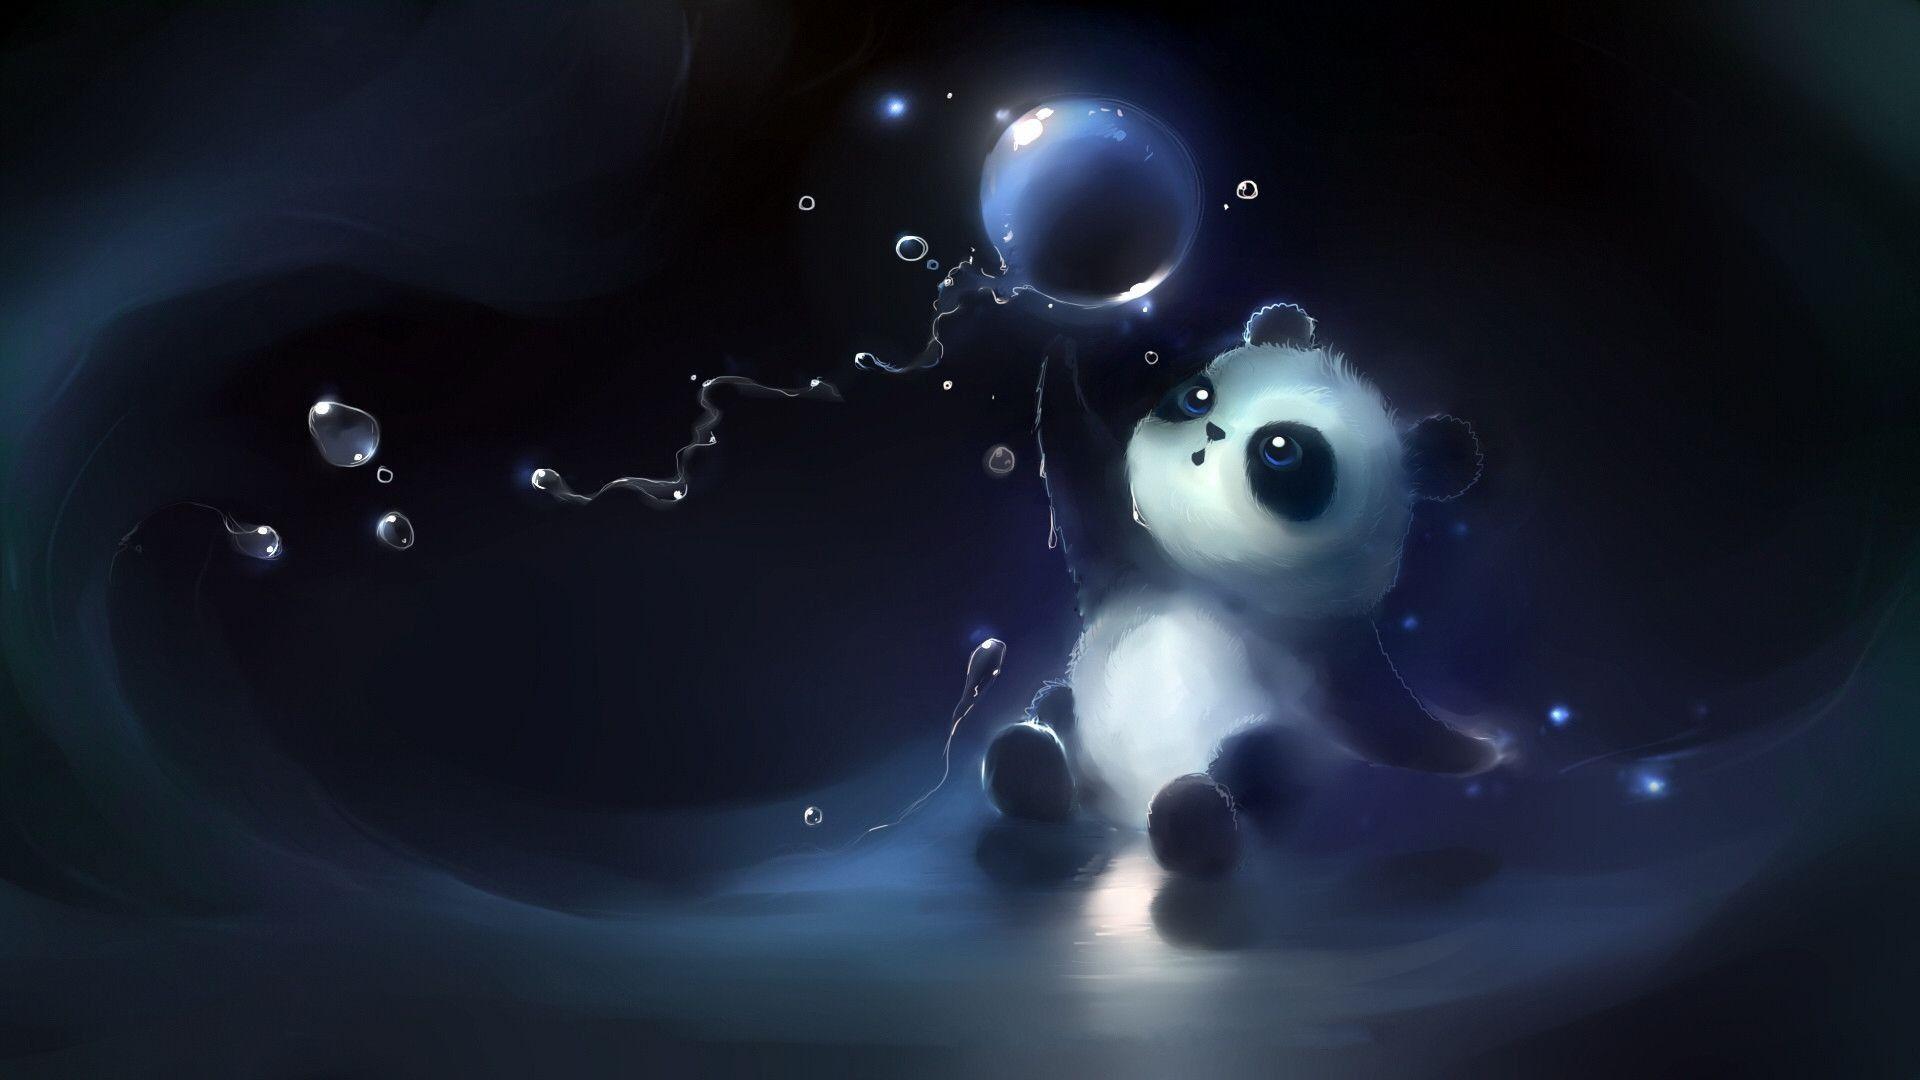 Animated Cute Panda Wallpaper Best Hd Wallpapers Cute Panda Wallpaper Panda Wallpapers Panda Art